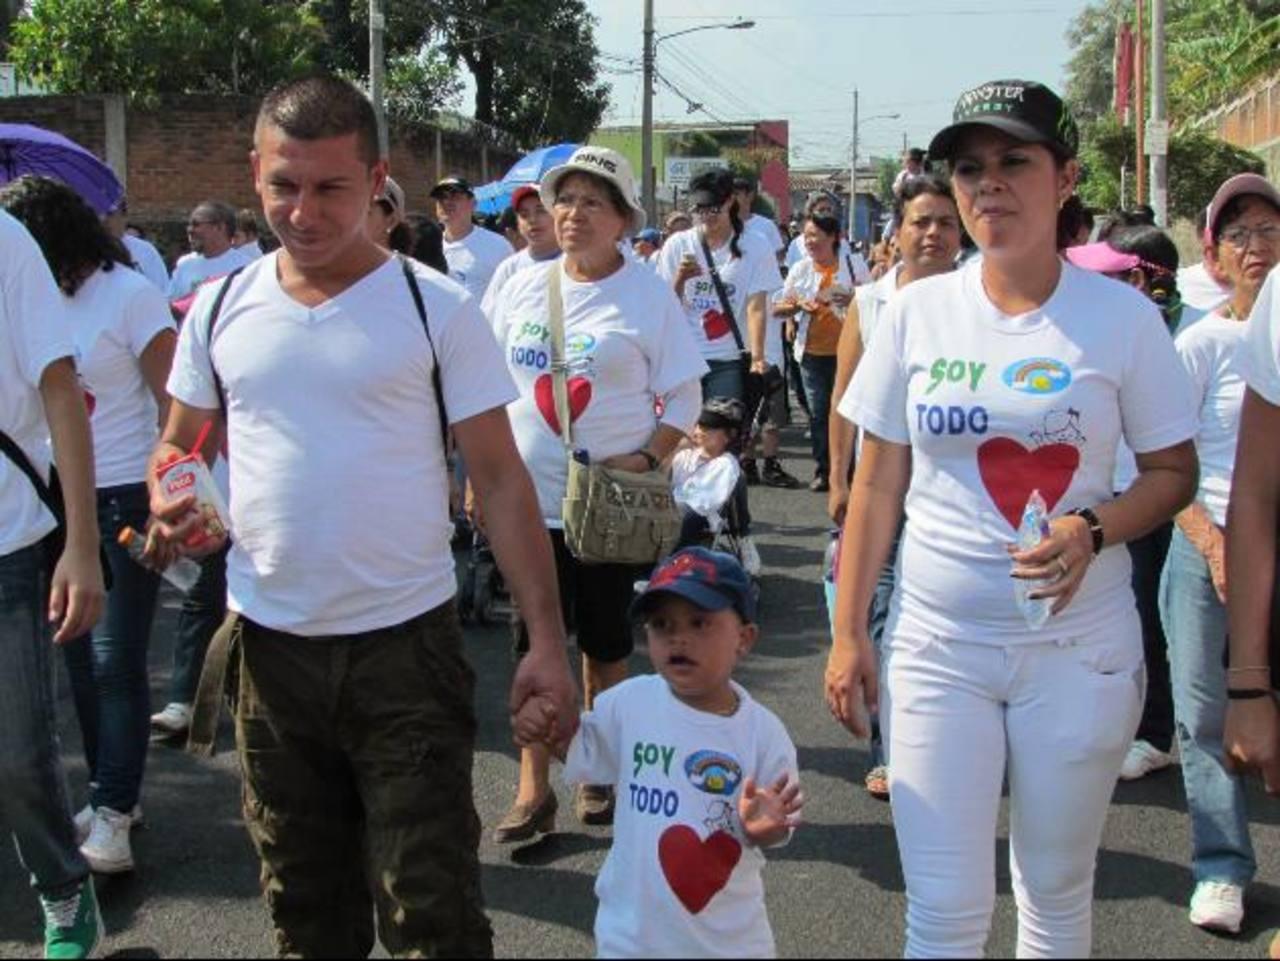 La actividad fue apoyada por padres de familia e instituciones no gubernamentales. Foto EDH / Mauricio Guevara